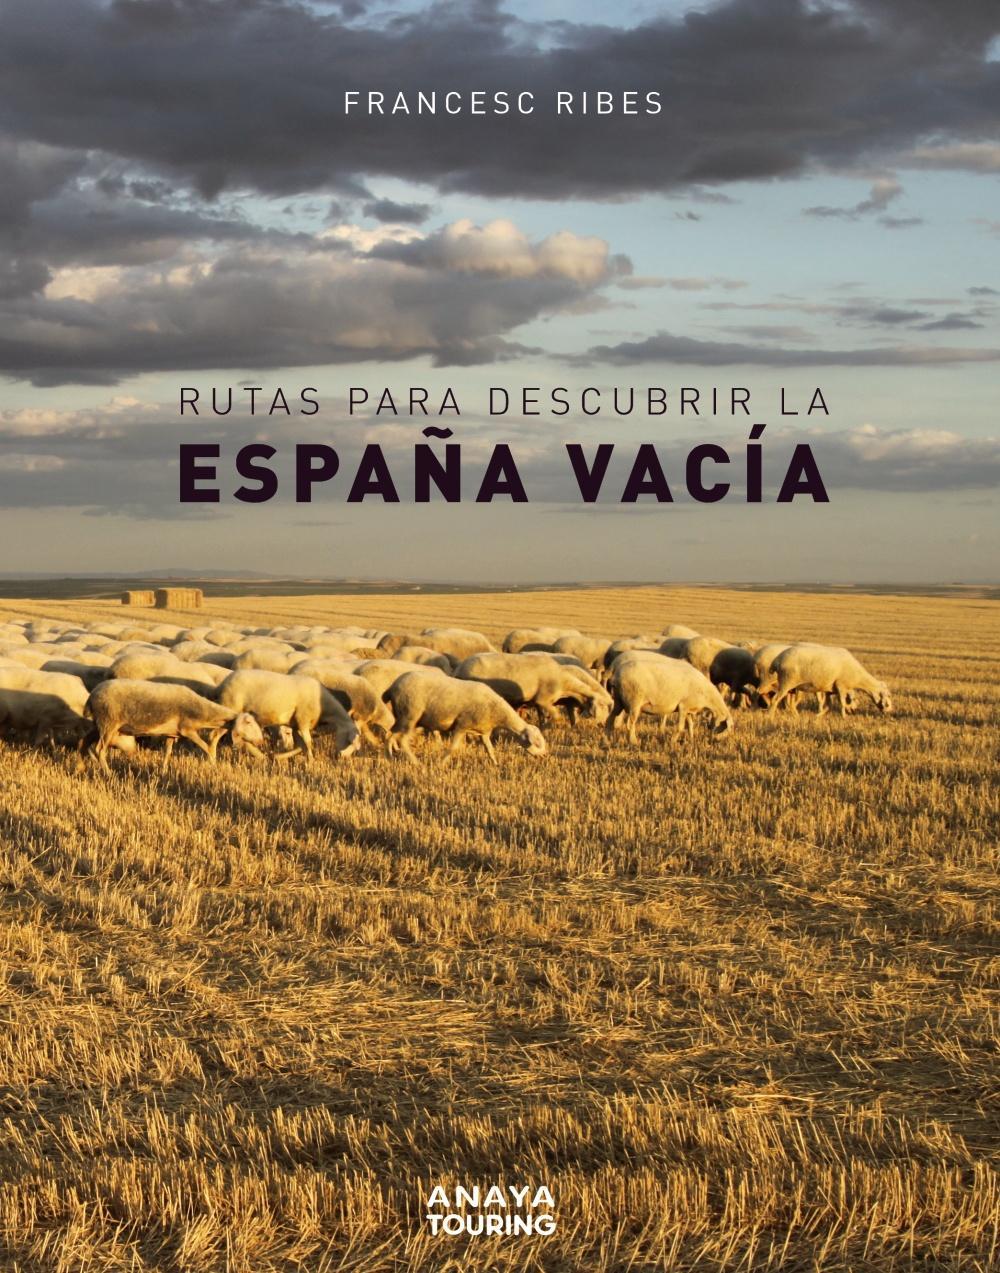 Rutas para descubrir la España vacía